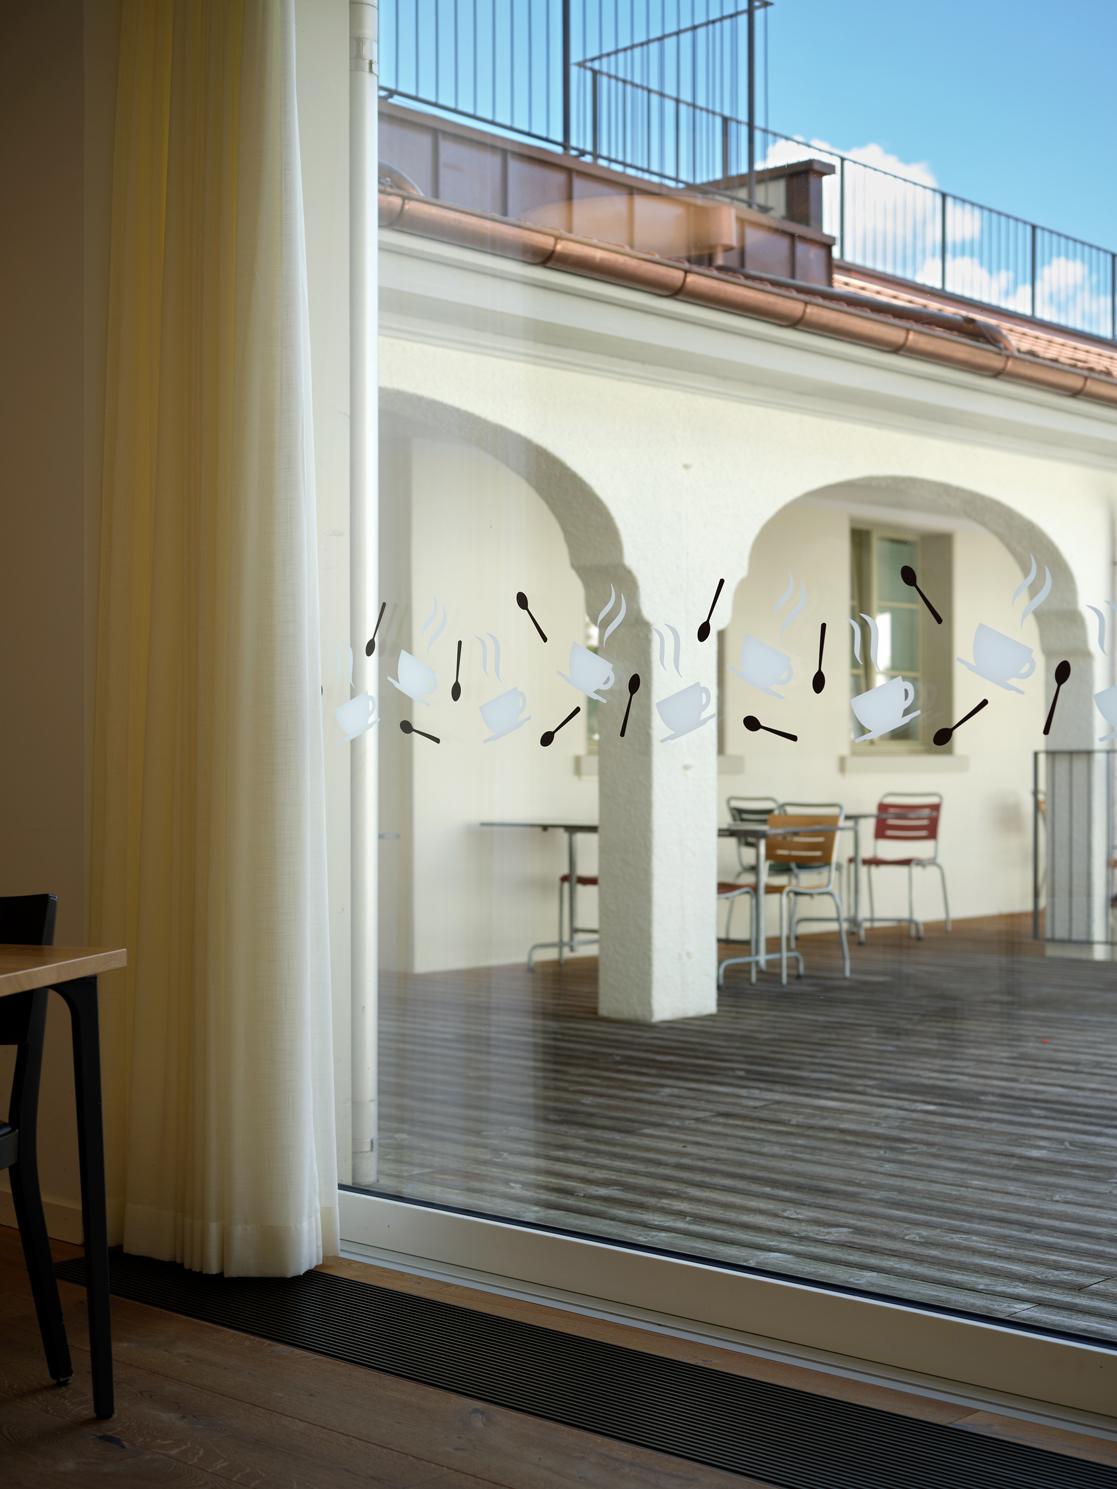 Auflaufschutz im Café des Alters- und Pflegezentrum Kühlewil, Gestaltet von Nulleins im Rahmen des Signaletikprojektes